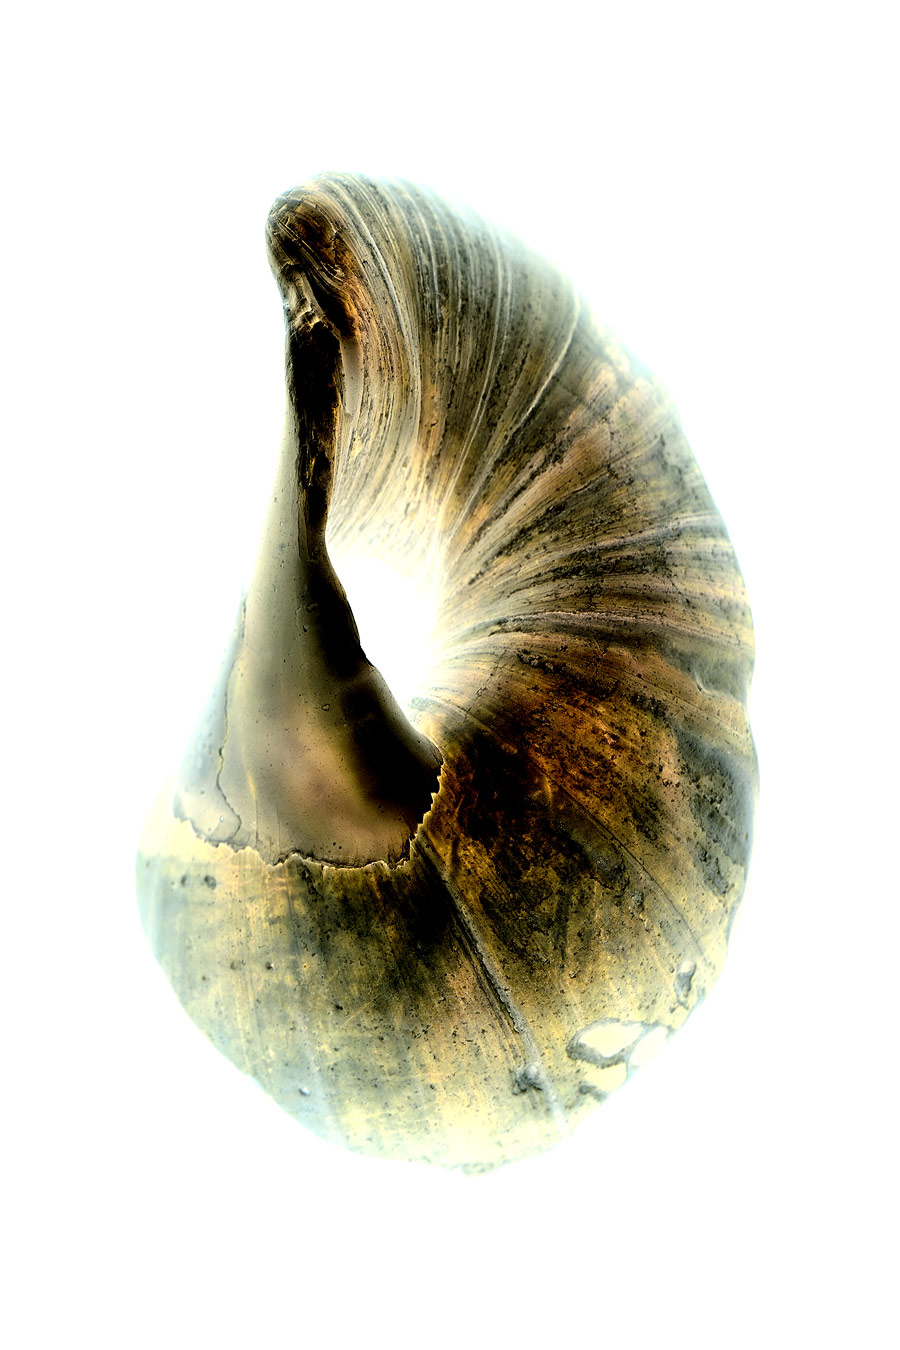 shell032-i.jpg